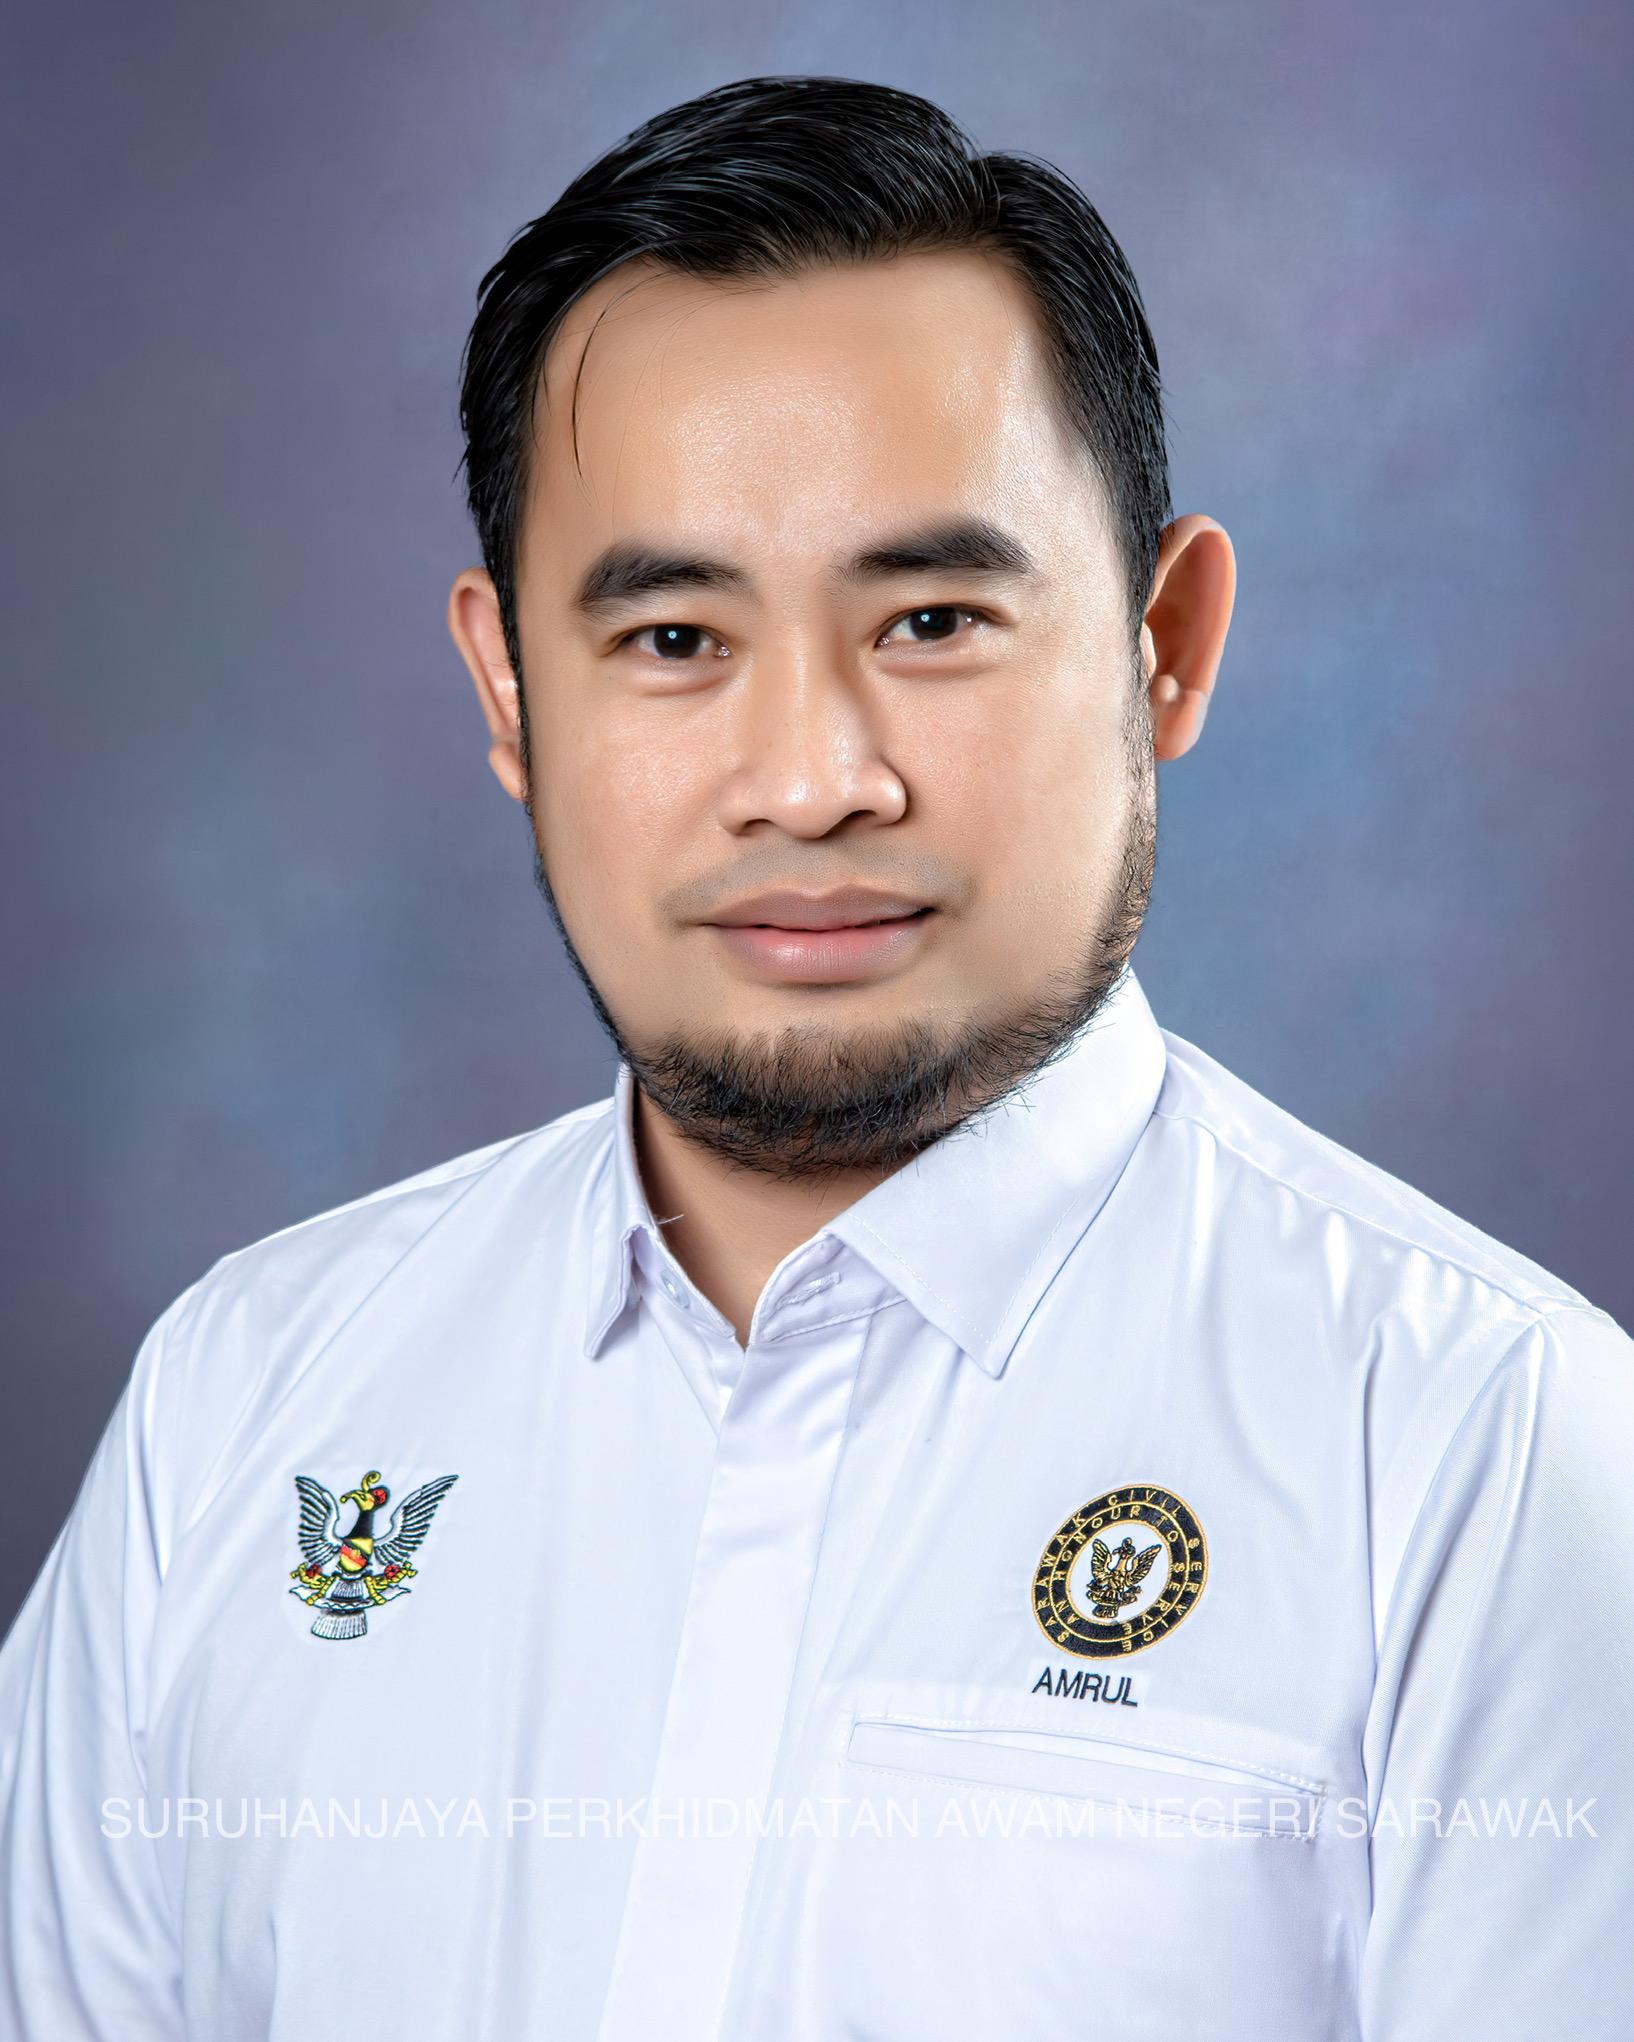 Amrul bin Yusup